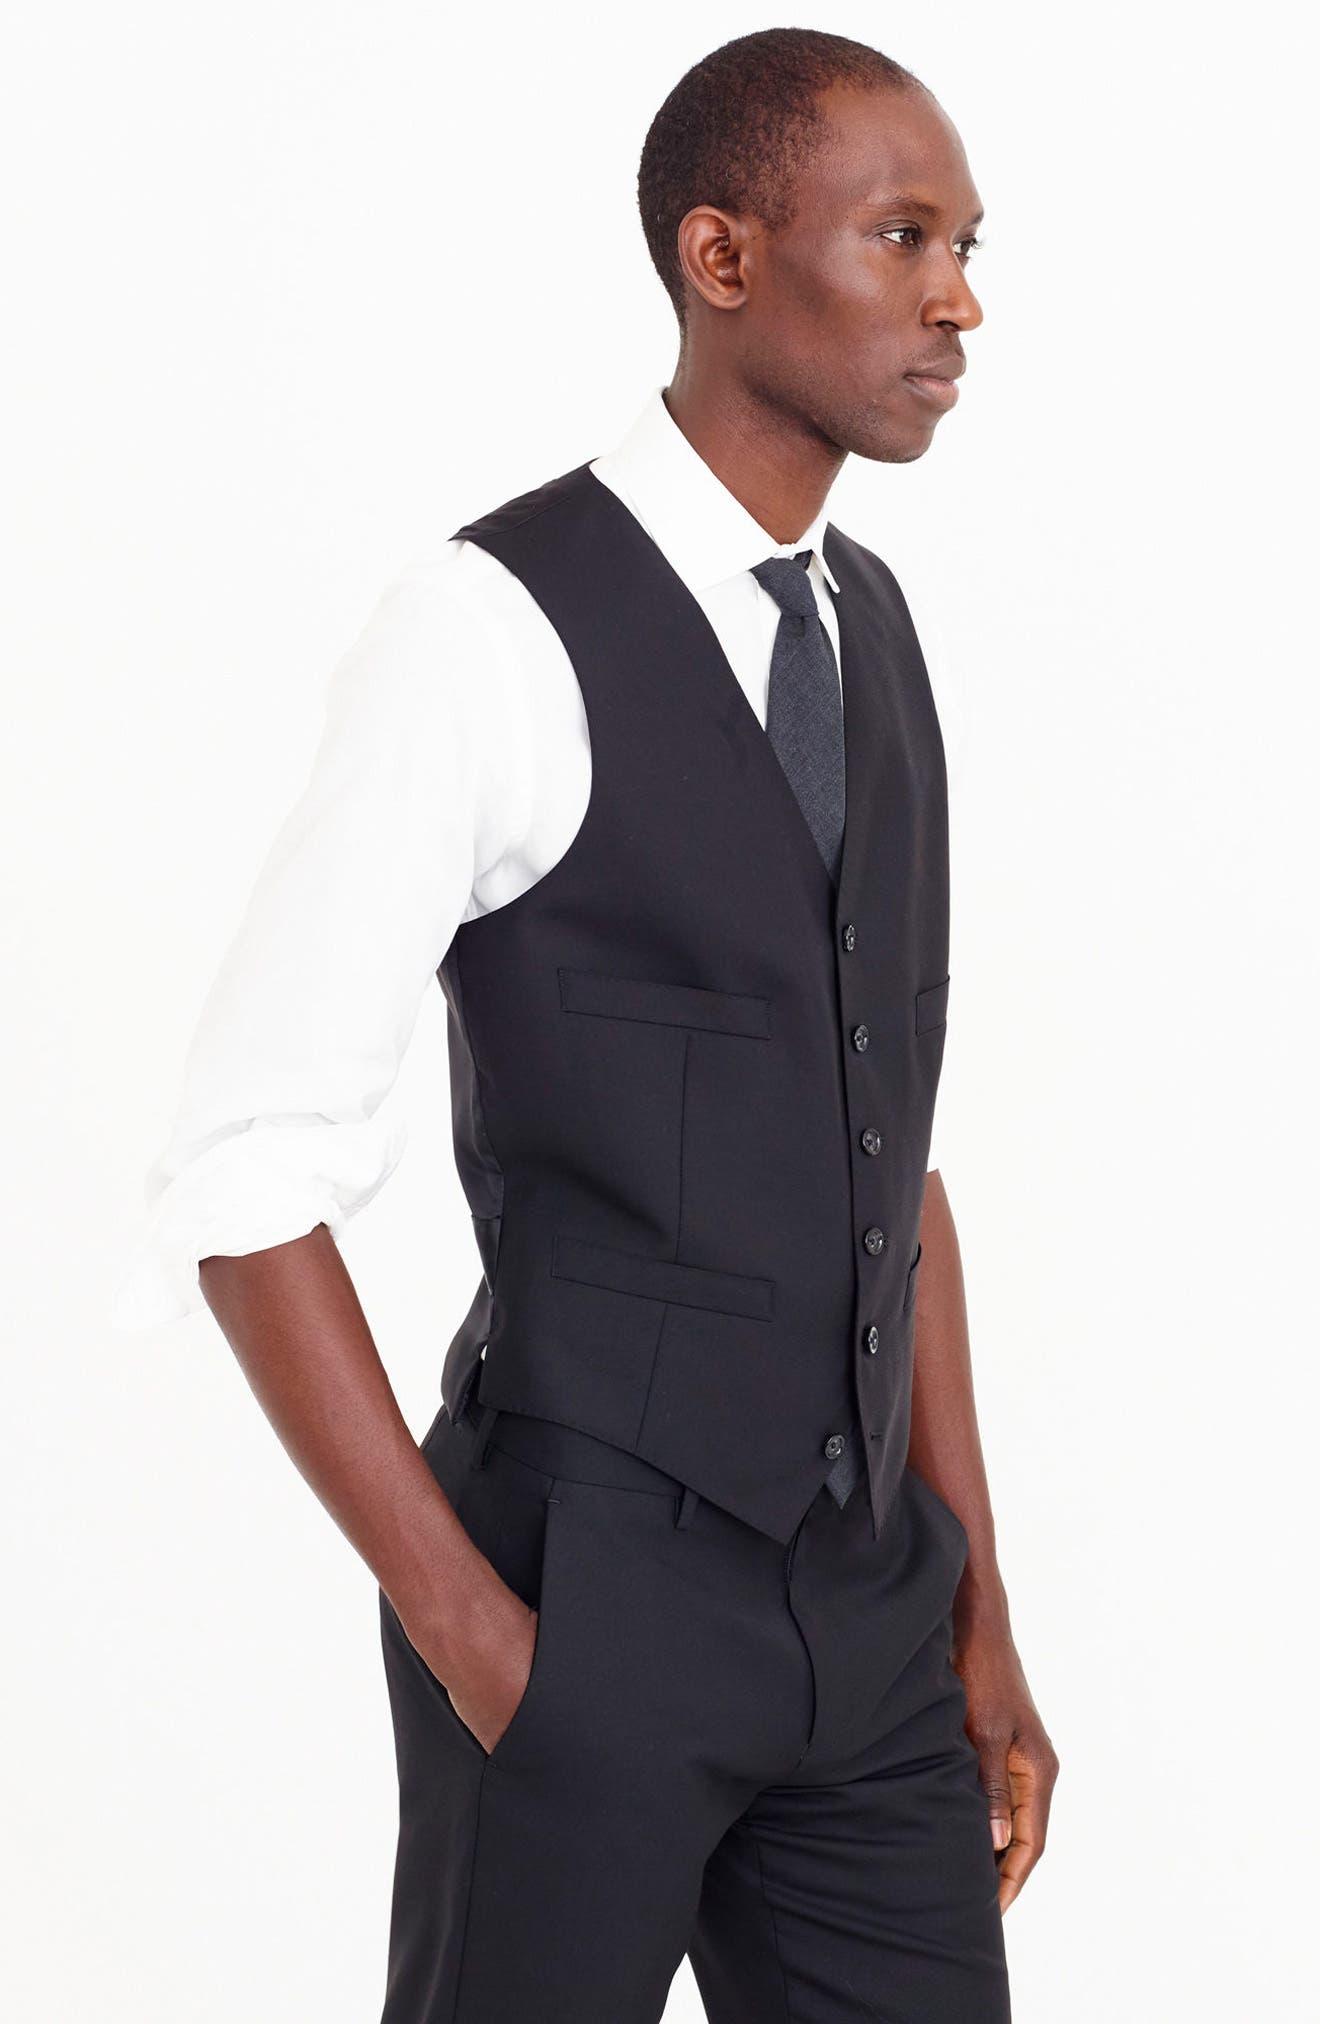 Ludlow Trim Fit Solid Wool Vest,                             Alternate thumbnail 11, color,                             001